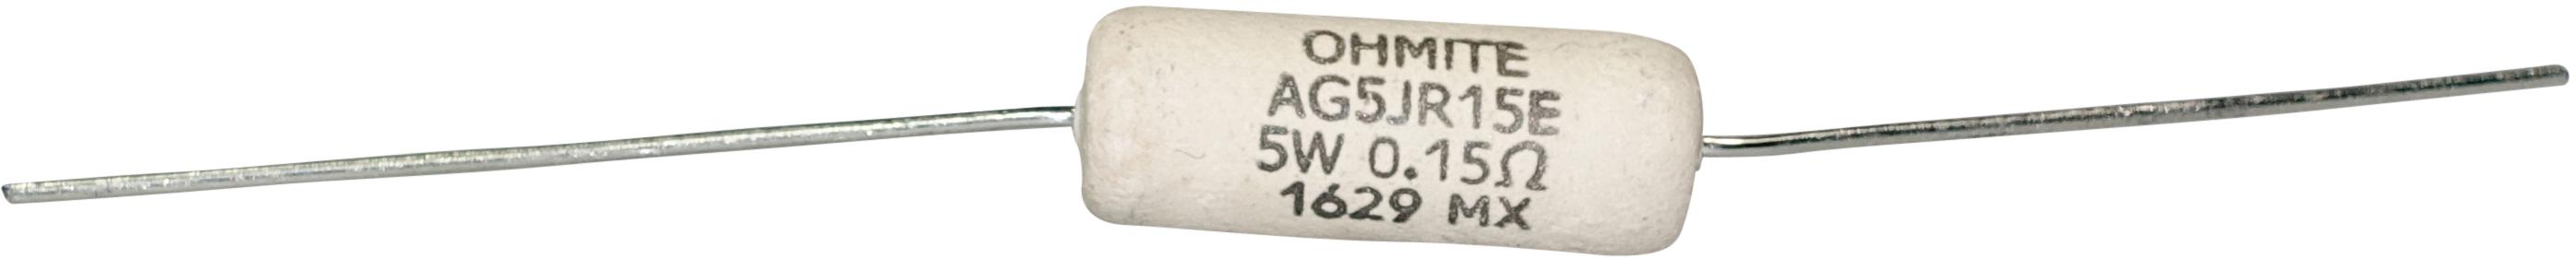 Ohmite Audio Gold 5W - 0,51 Ohm